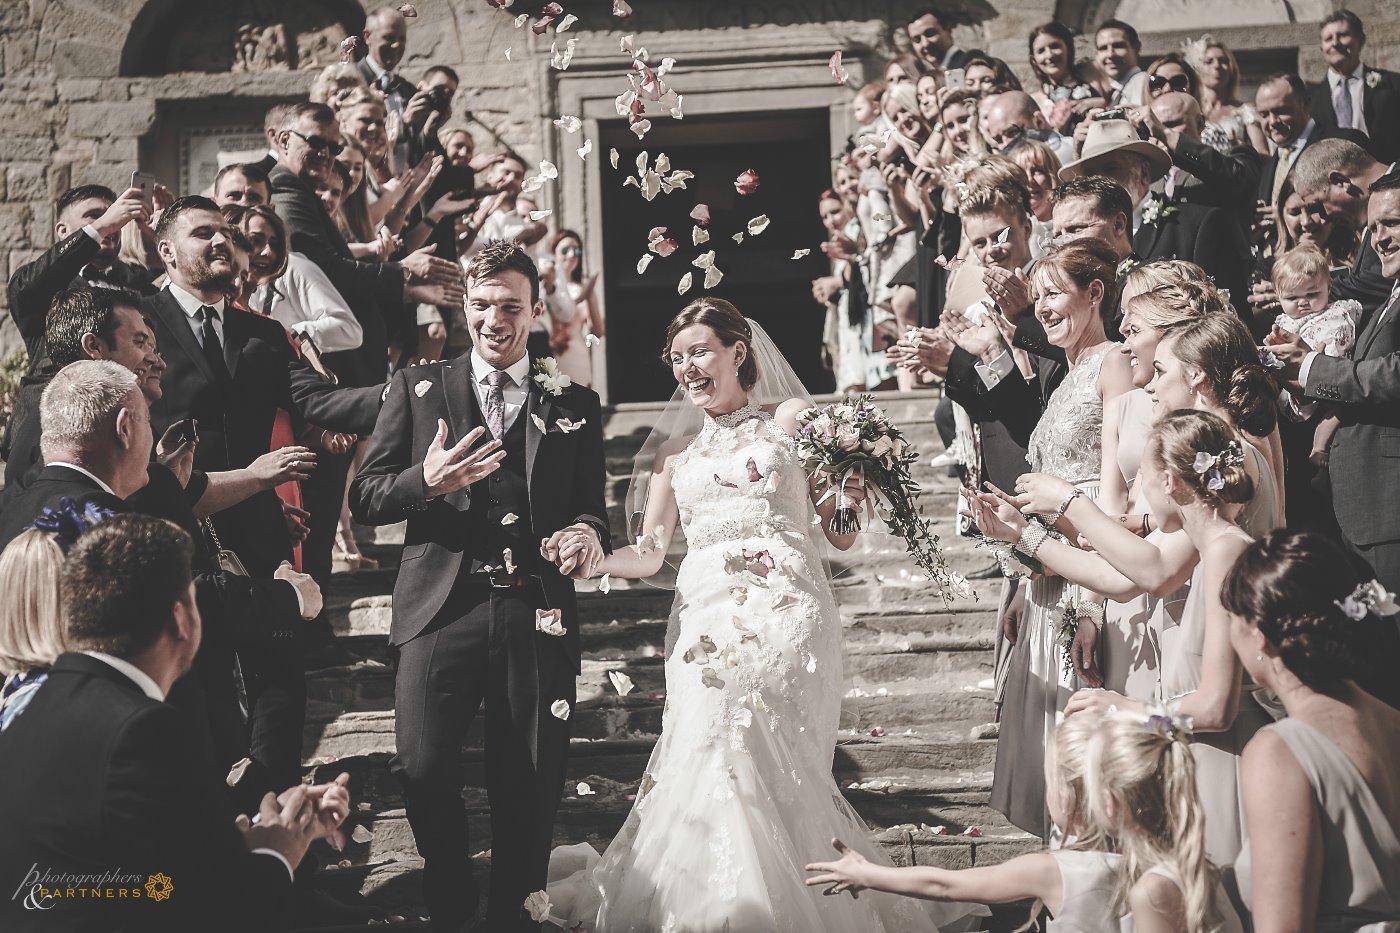 photography_weddings_cortona_11.jpg